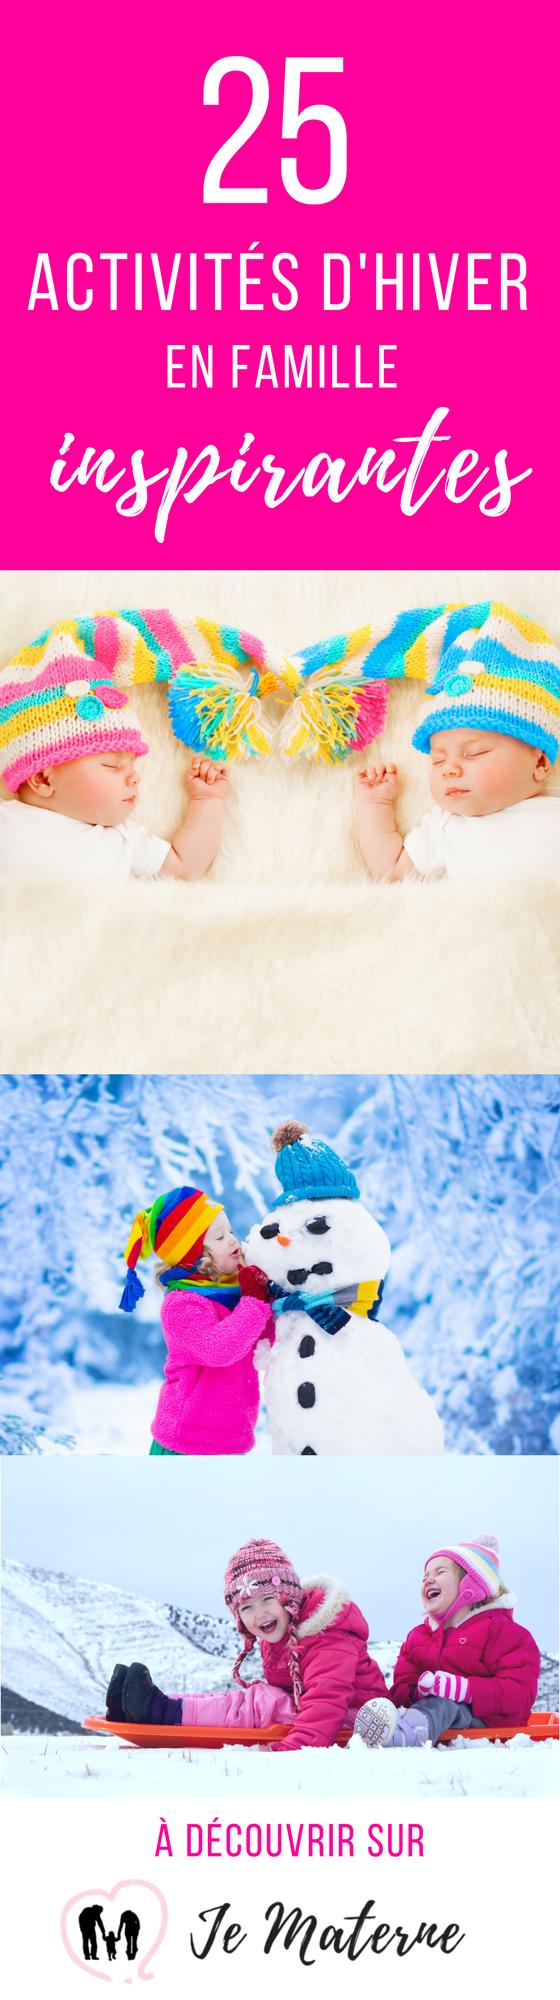 Que faire cet hiver? Ce top 25 d'activités hivernales en famille vous inspirera! À découvrir sur jematerne.com!